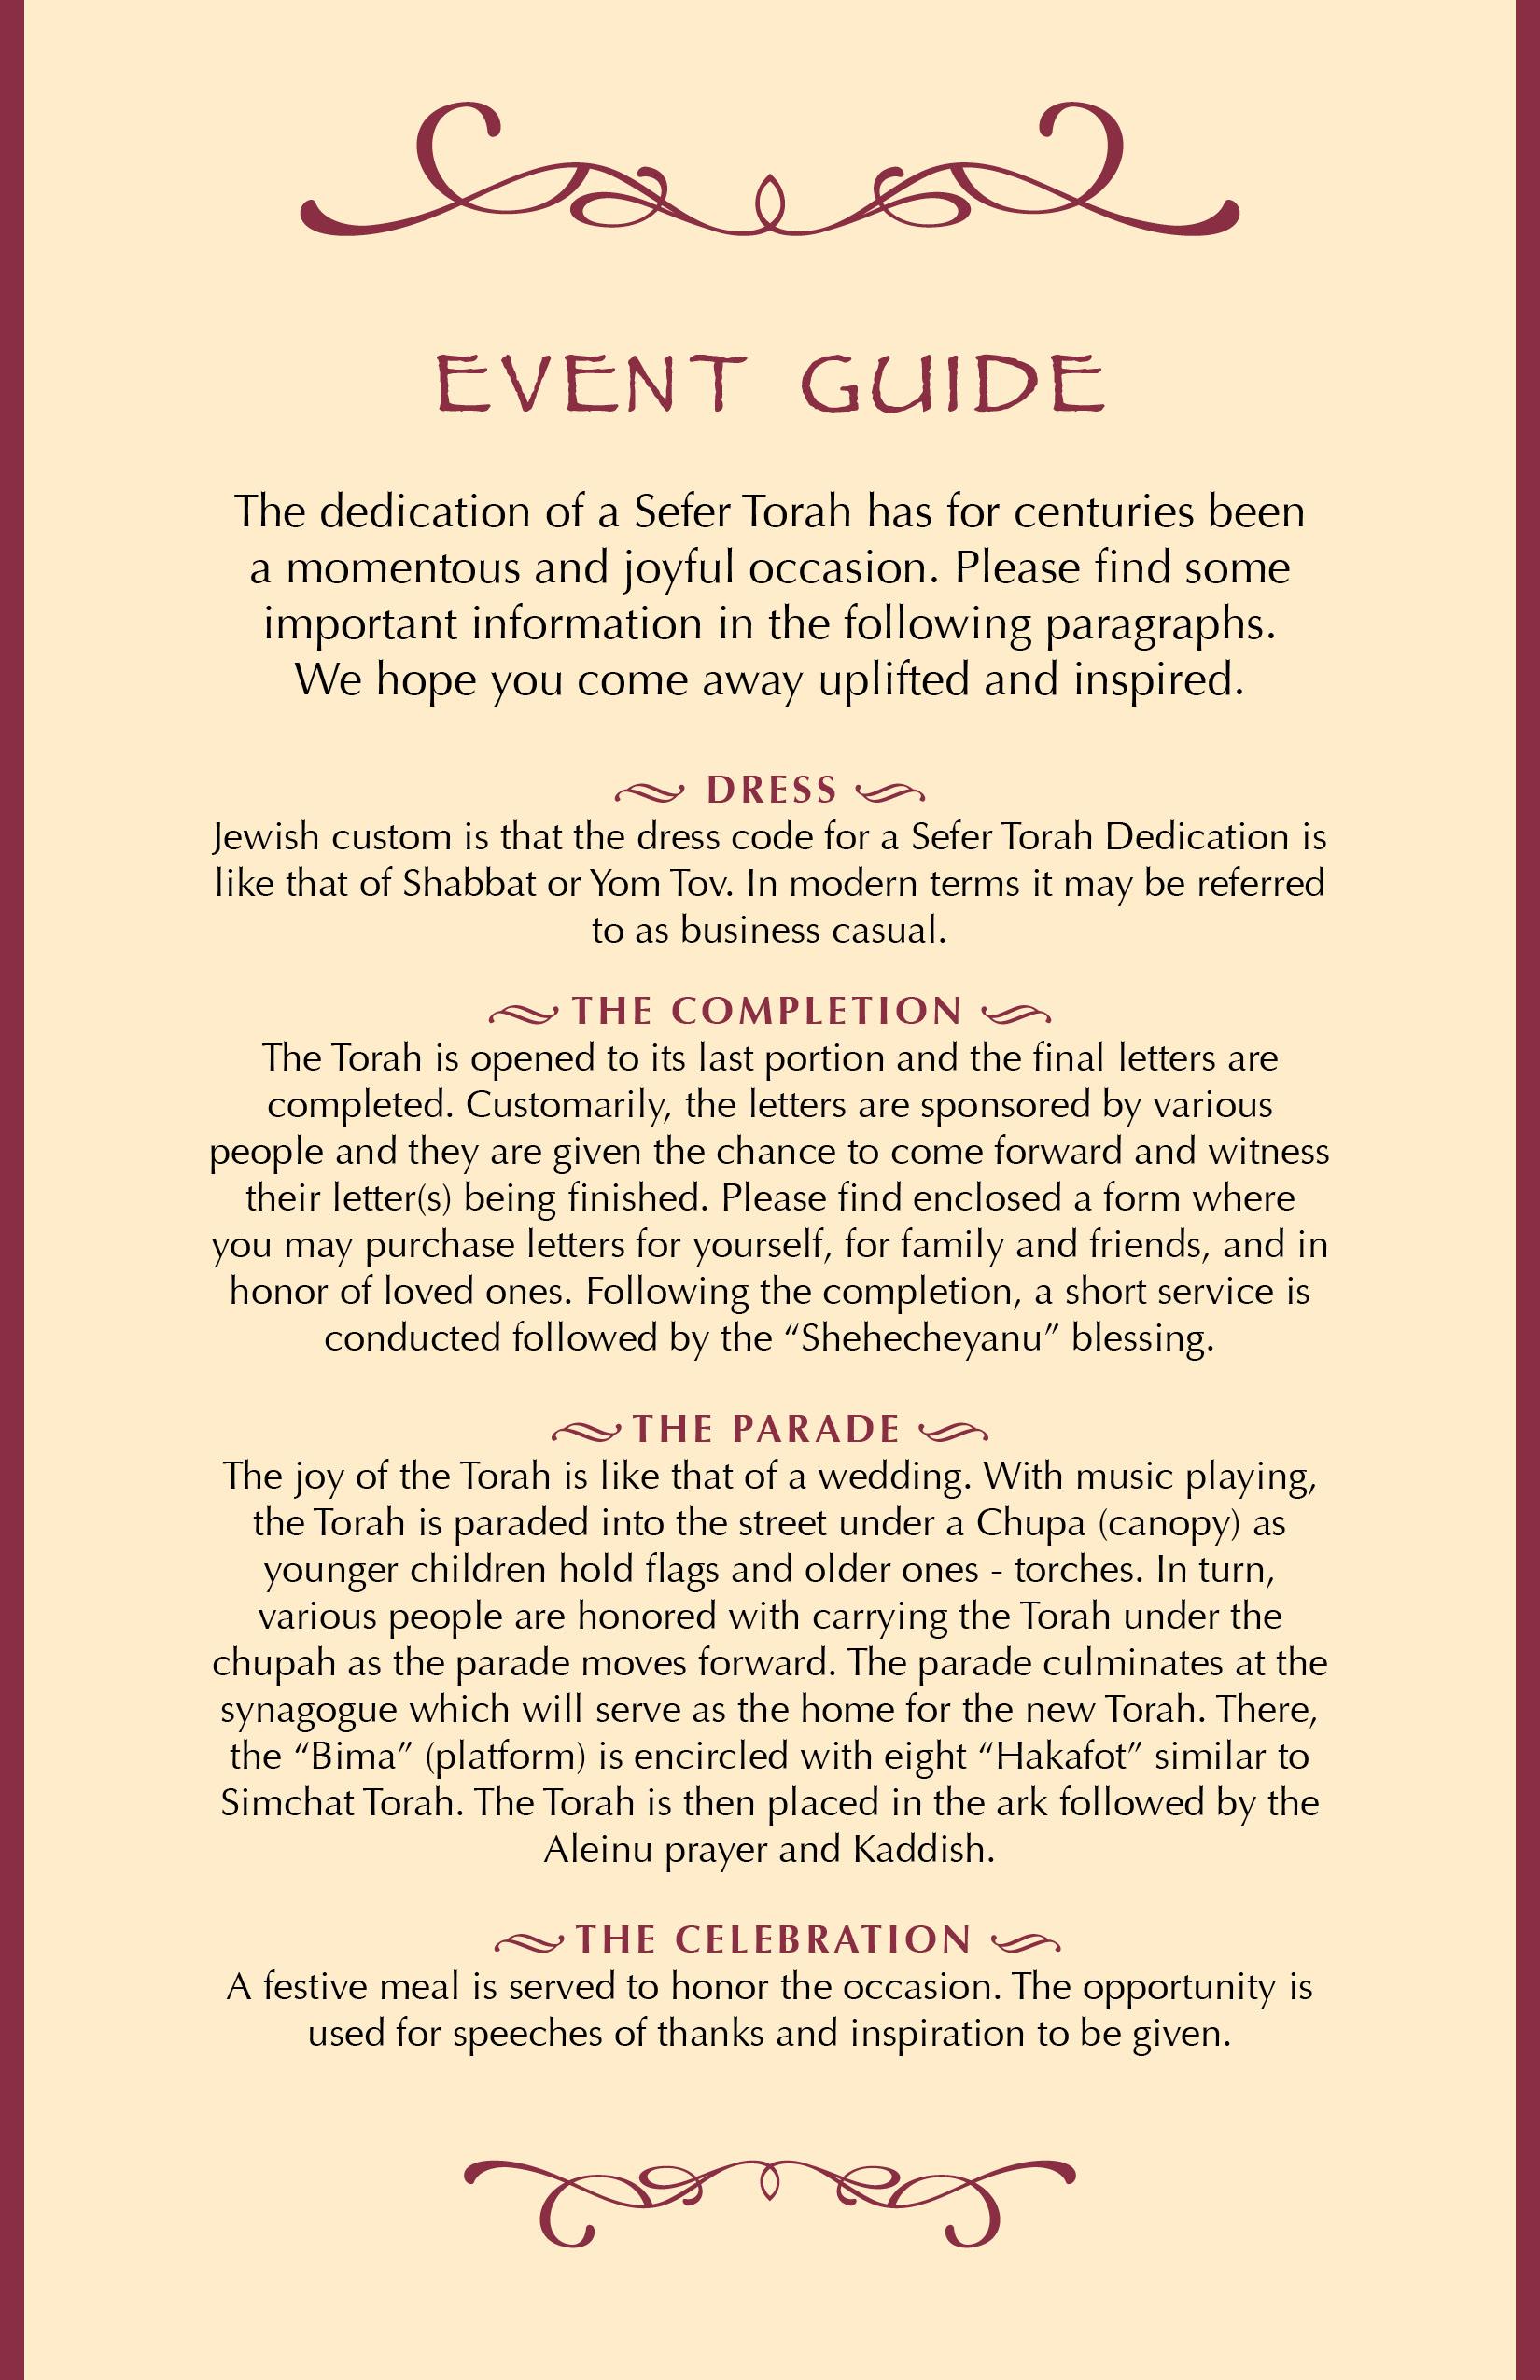 Torah event guide